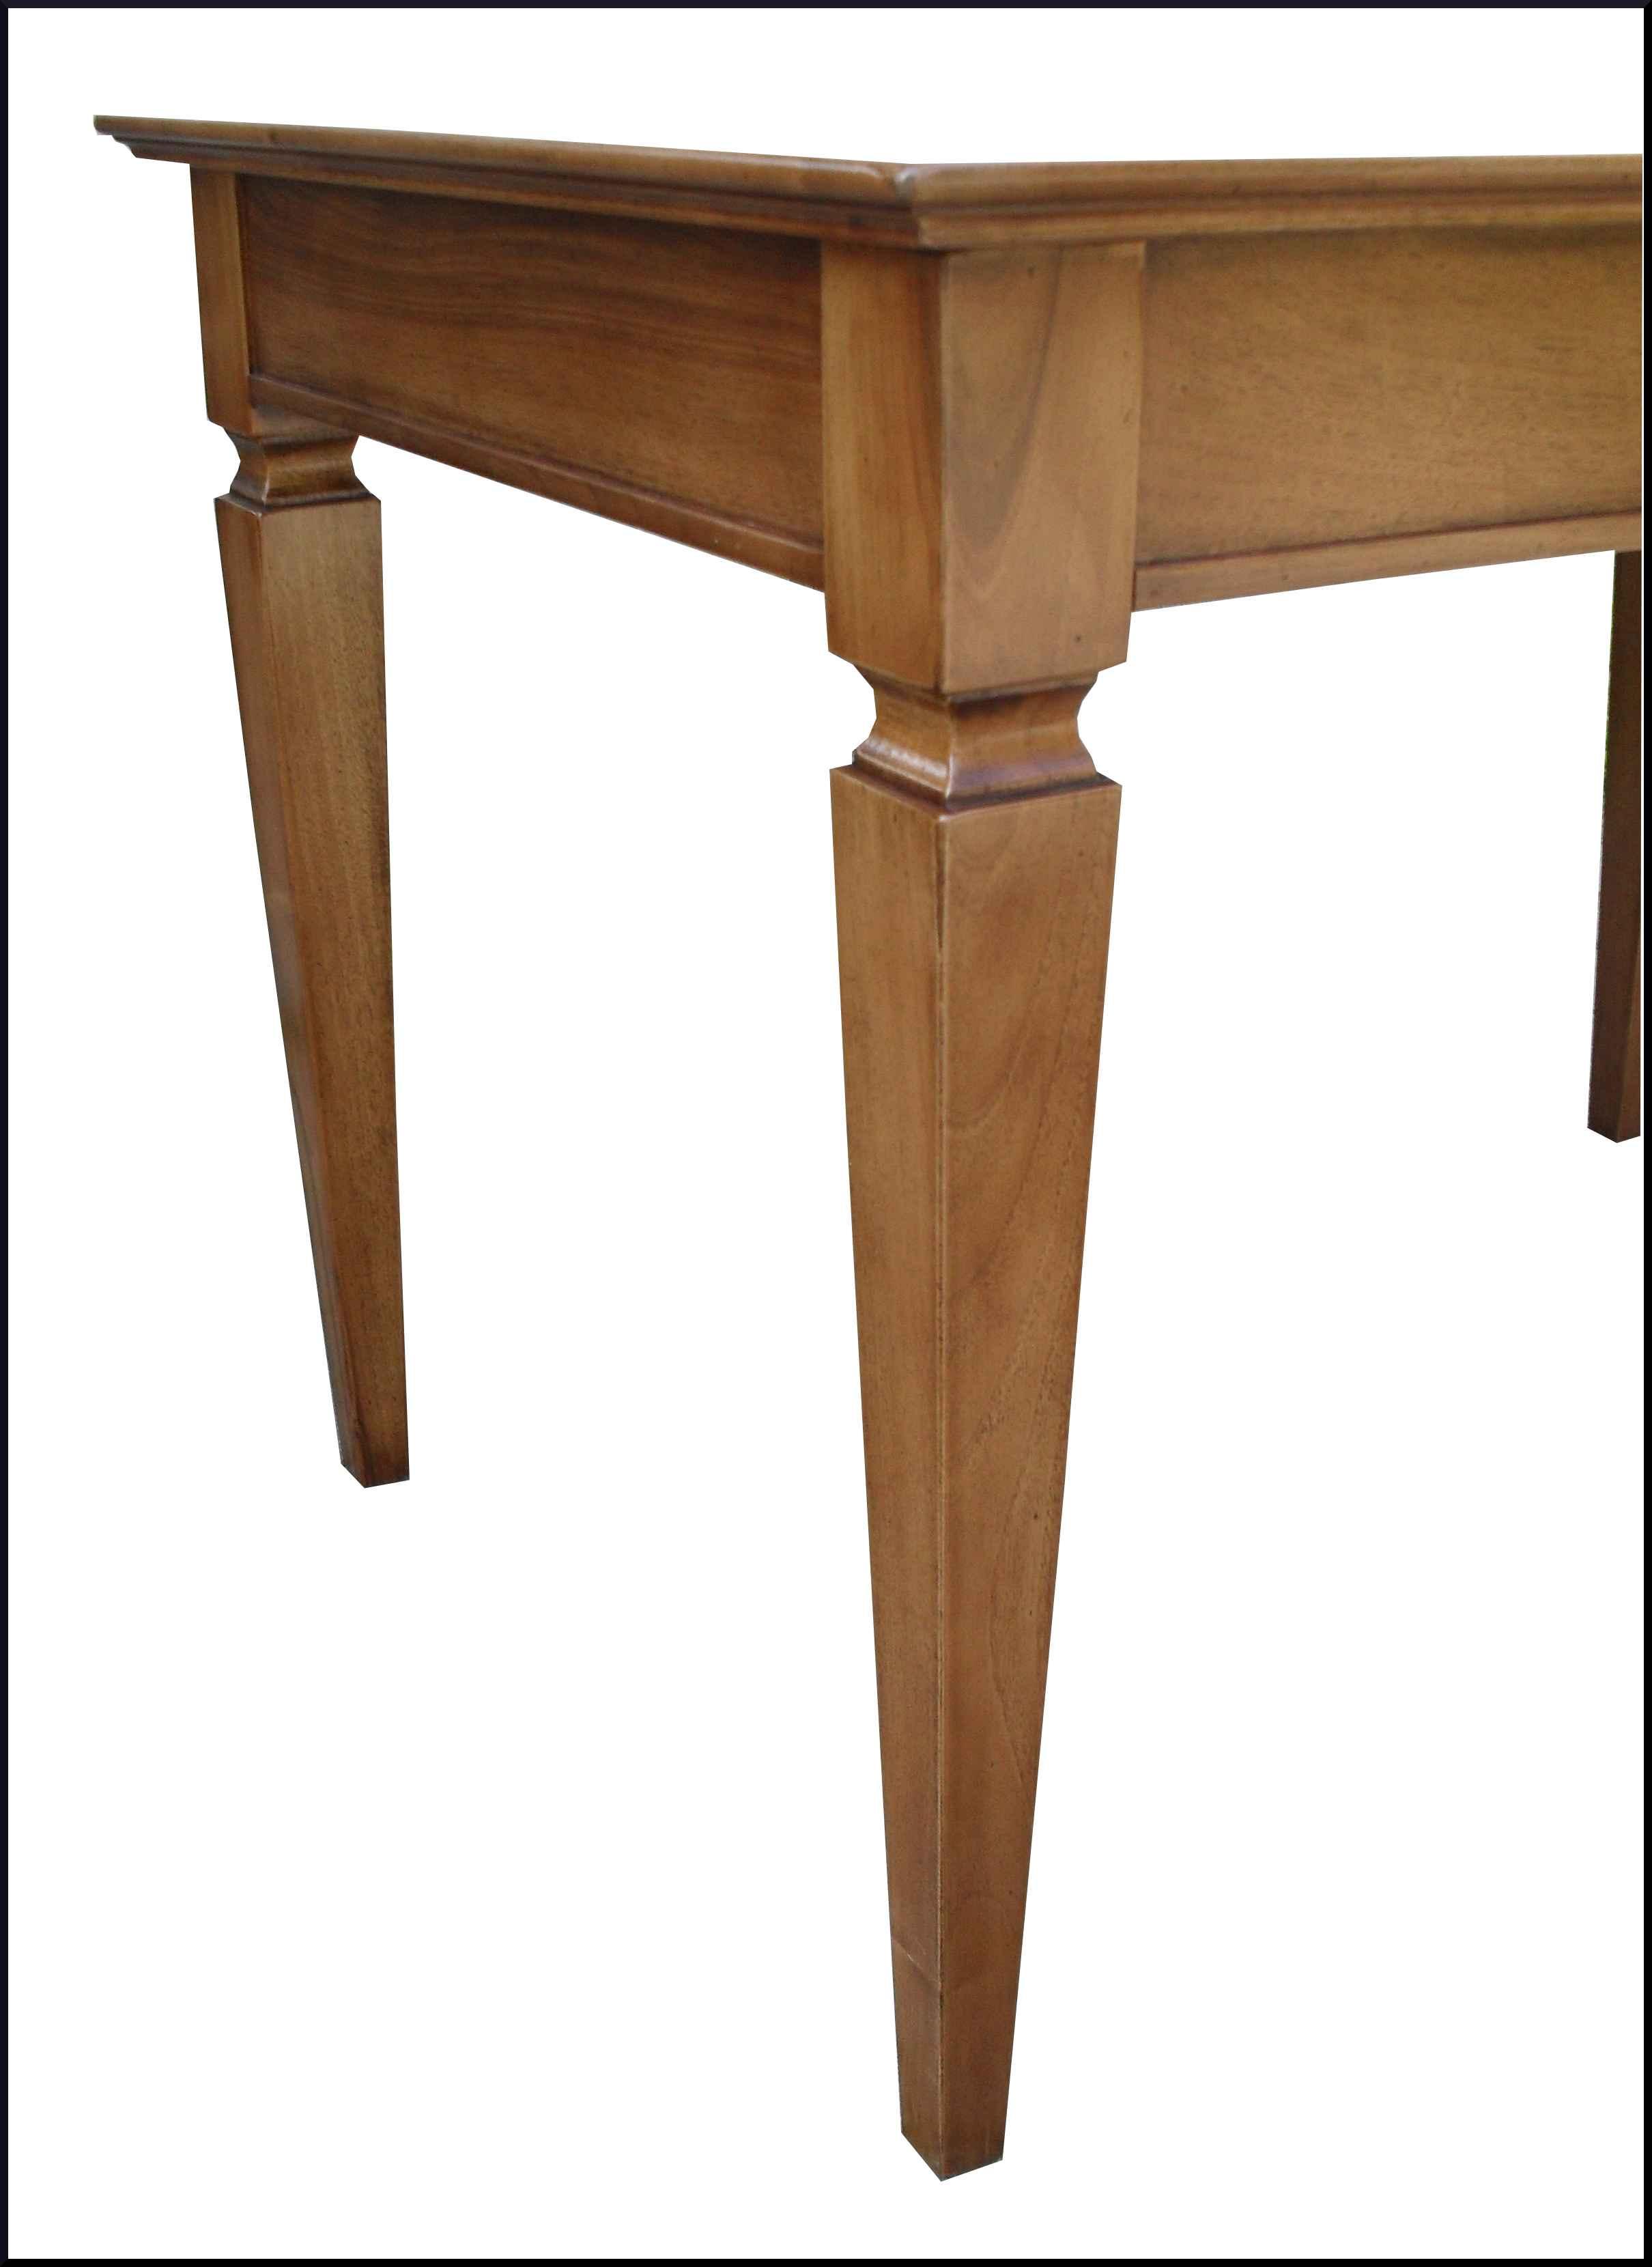 Tavolo classico apribile con prolunghe interne